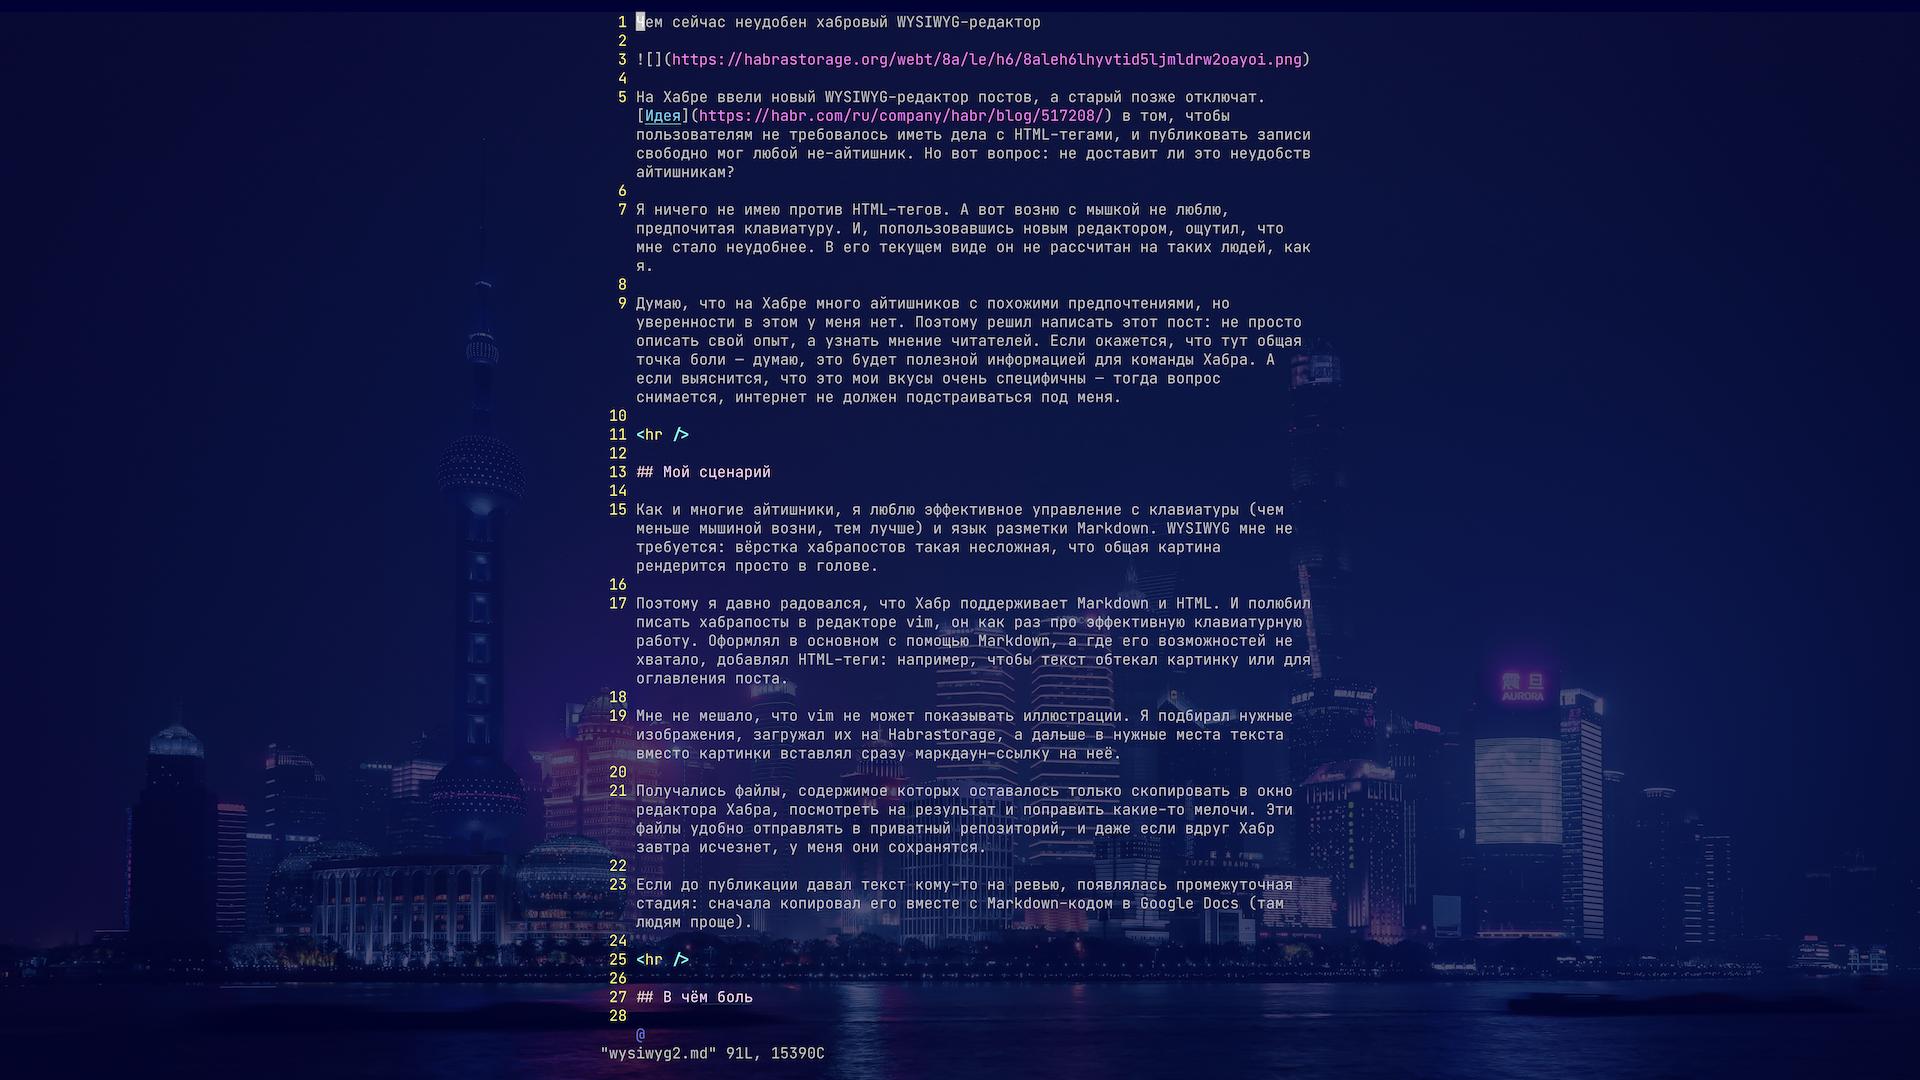 Чем неудобен хабровый WYSIWYG-редактор - 2